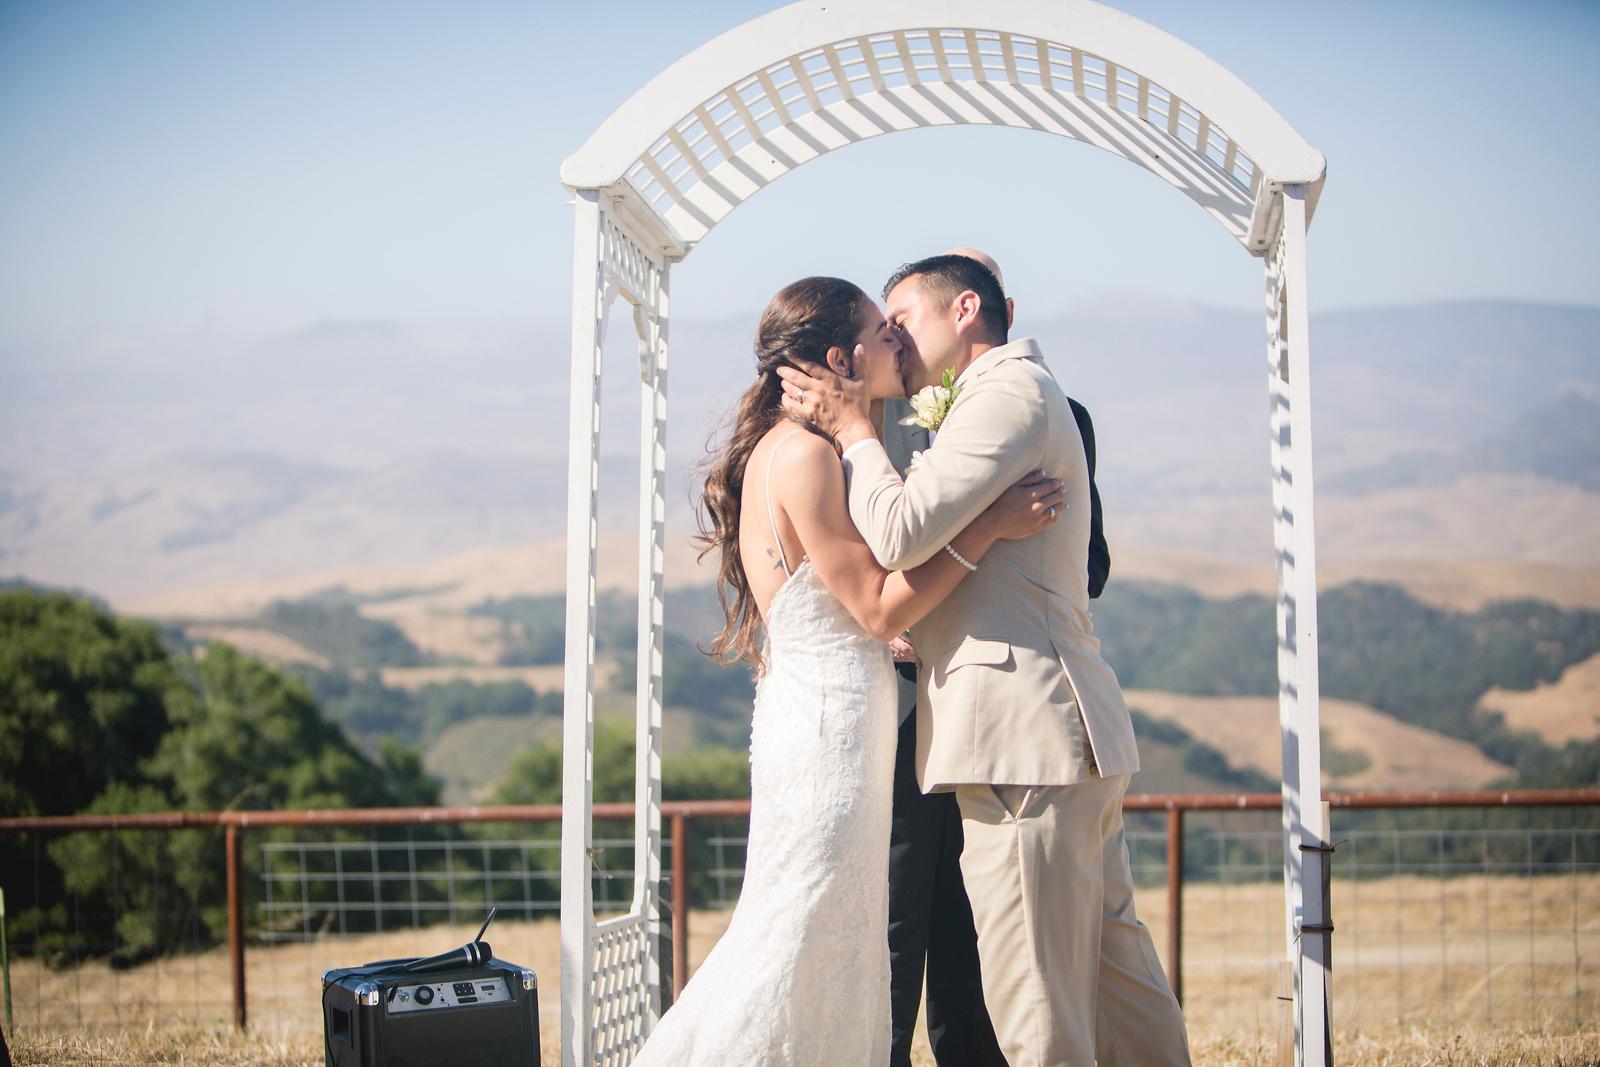 a_Ryan+Allyson_Renoda Campbell Photography_San Luis Obispo Wedding Photographer-0966